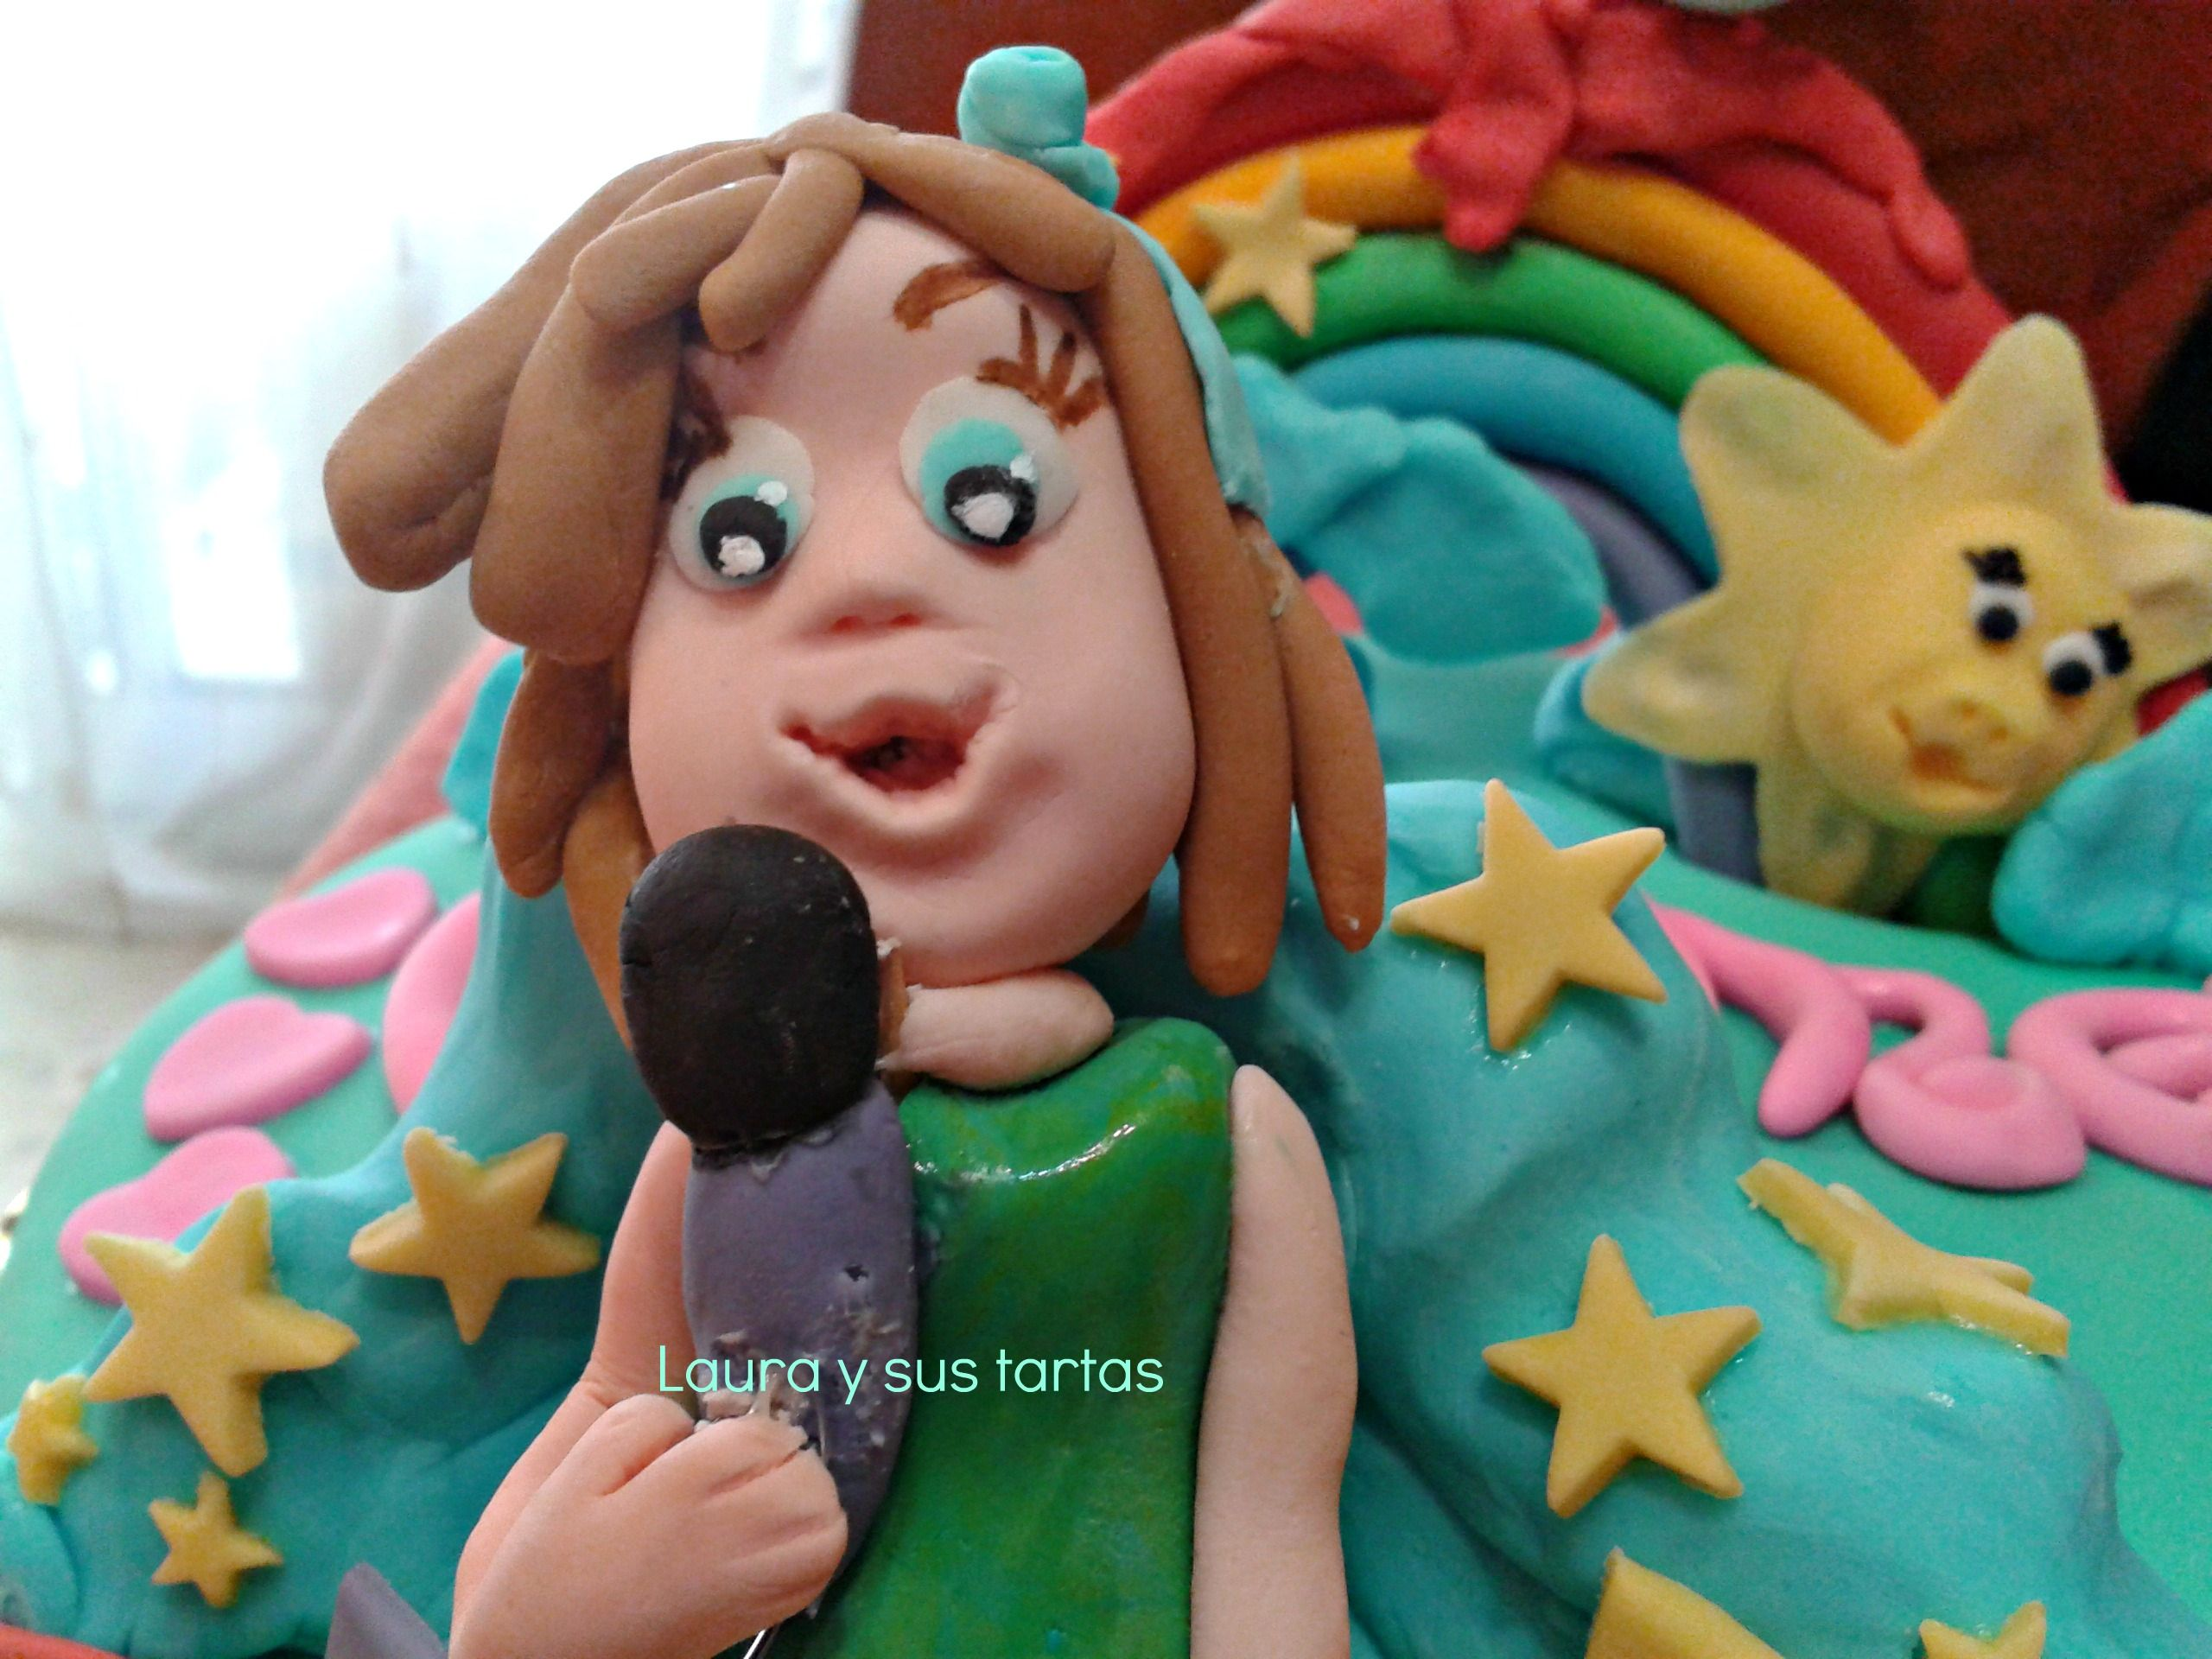 Detalle de la tarta de la niña cantando.